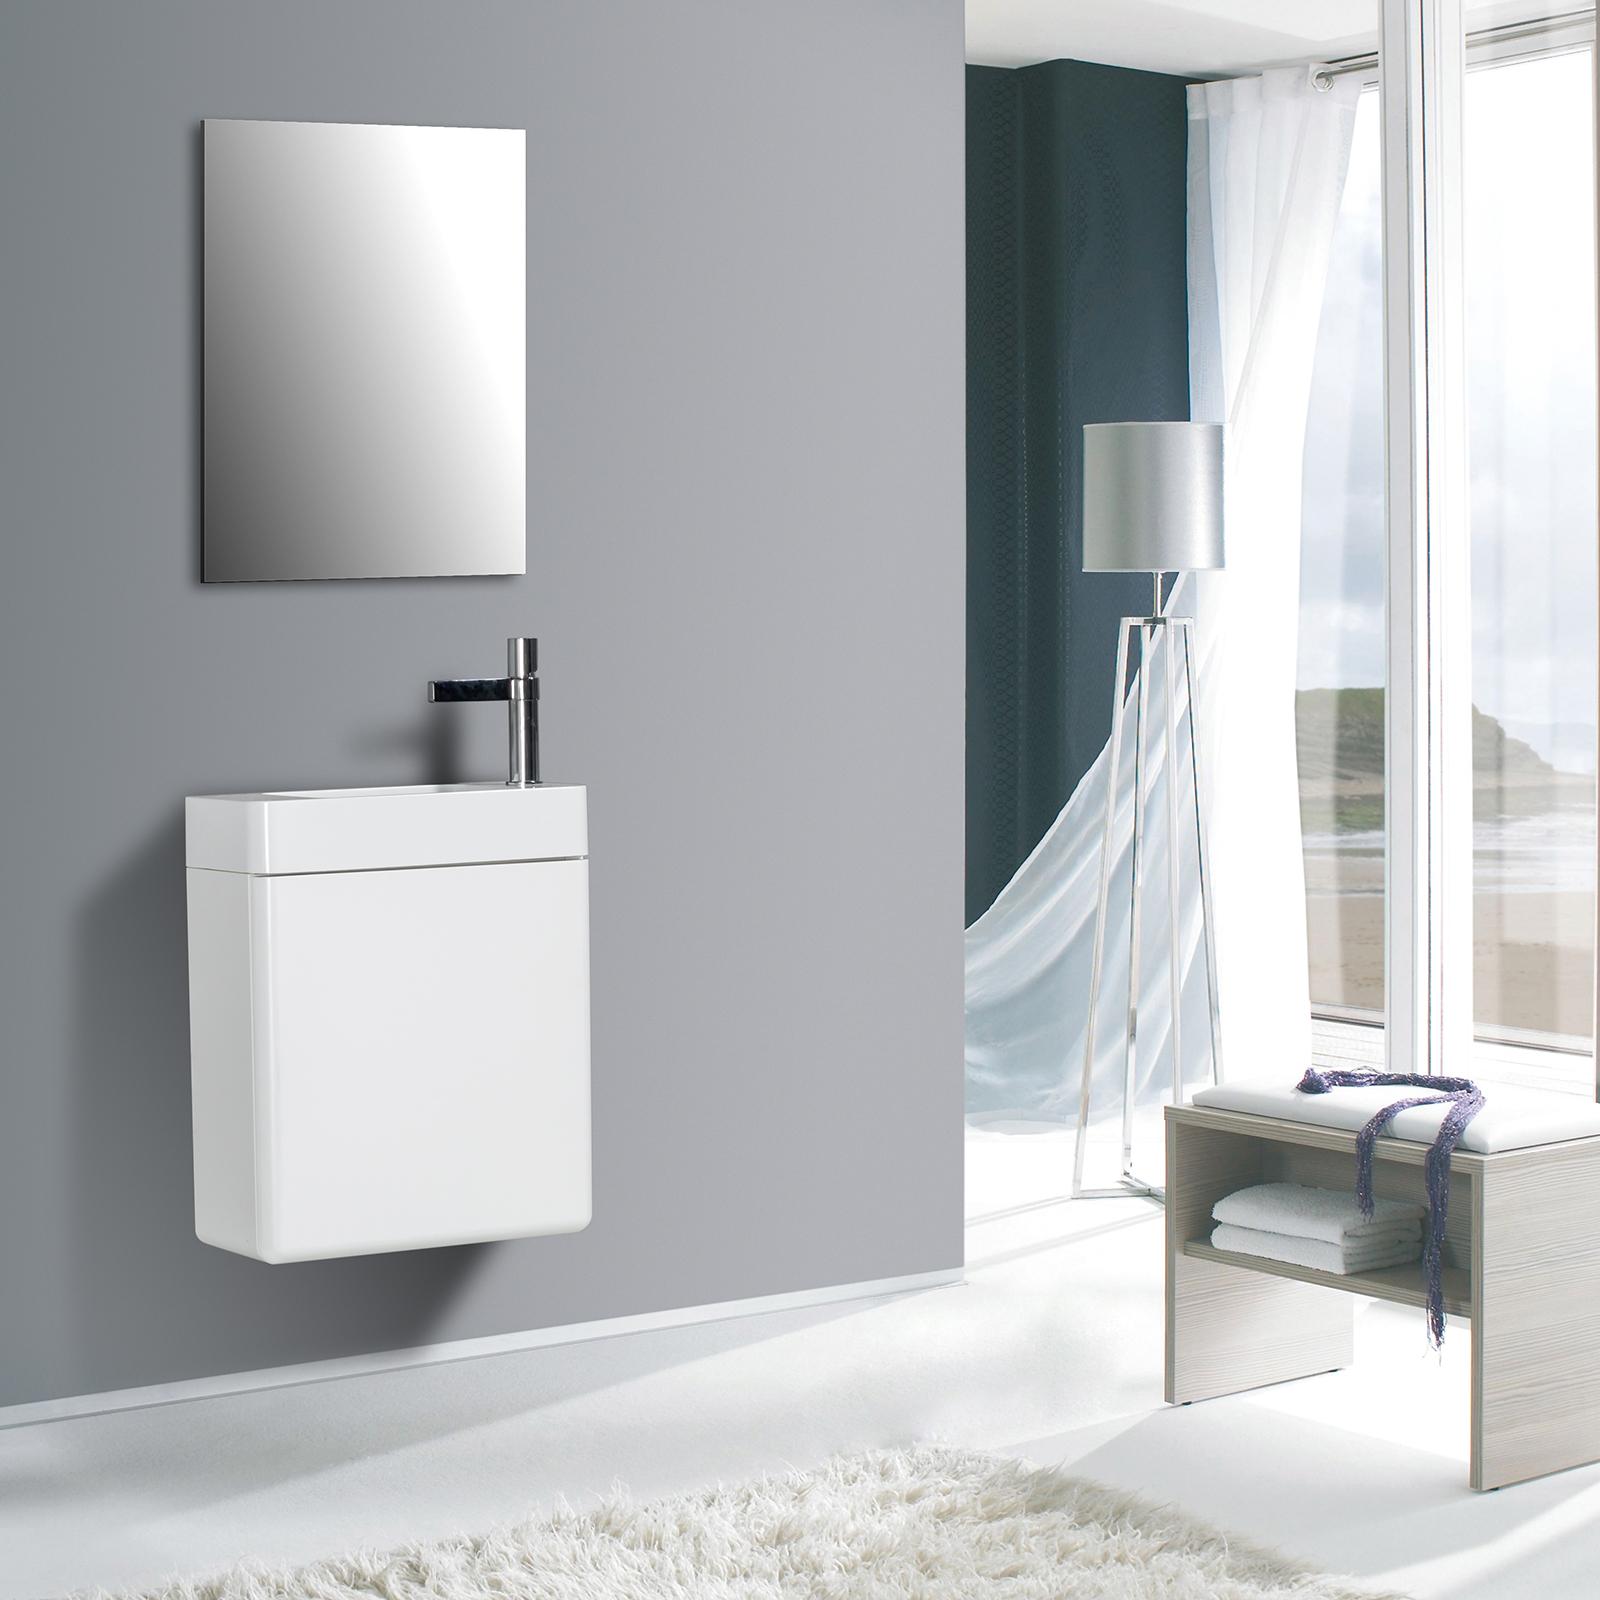 Badmöbel-Set CARO 450 für Gäste-WC - Farbe wählbar - Spiegel optional